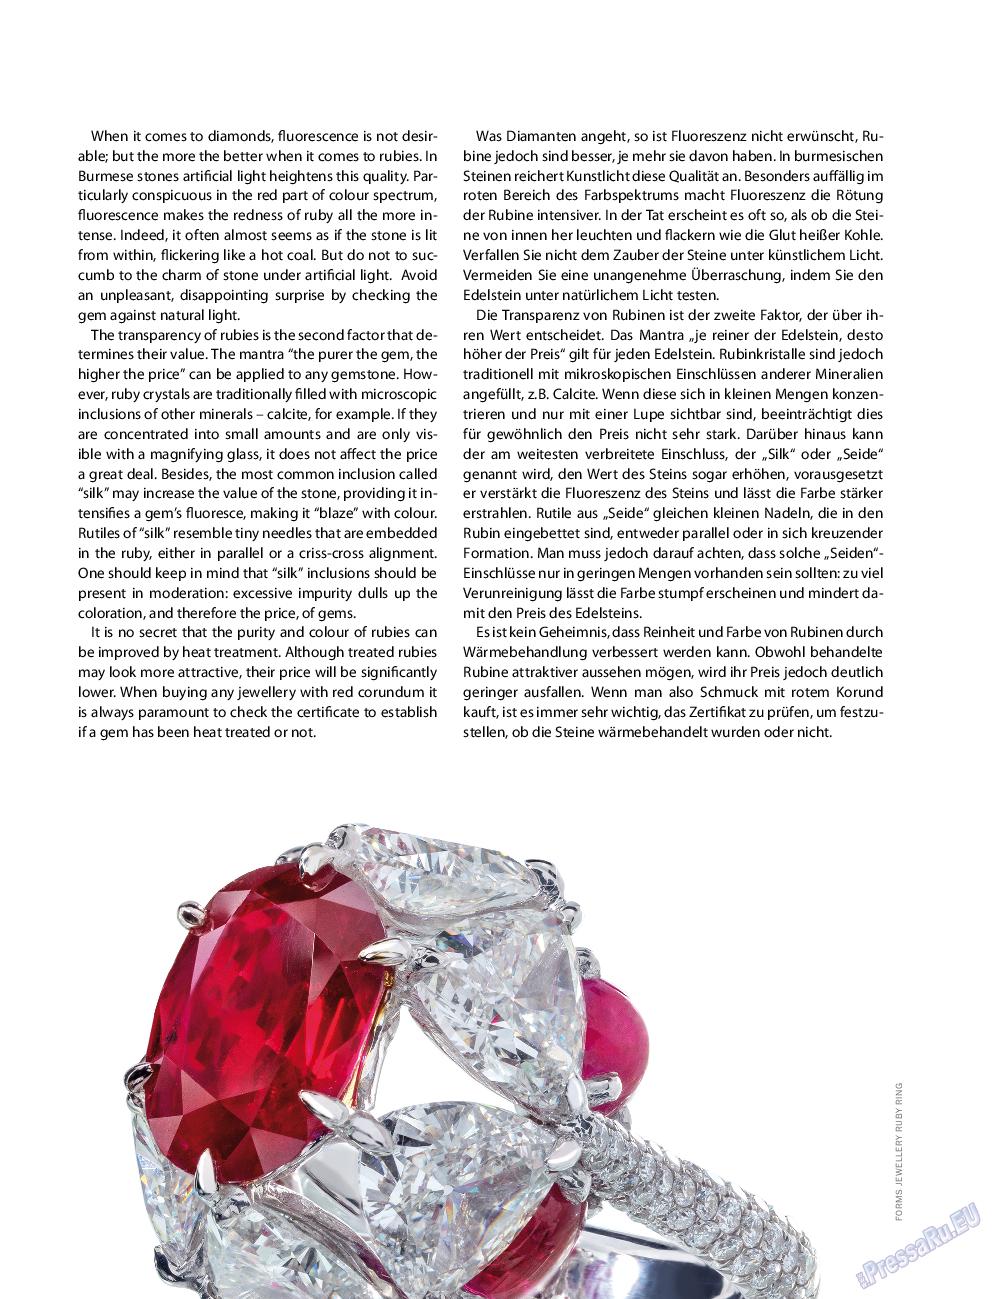 Клан (журнал). 2014 год, номер 7, стр. 164